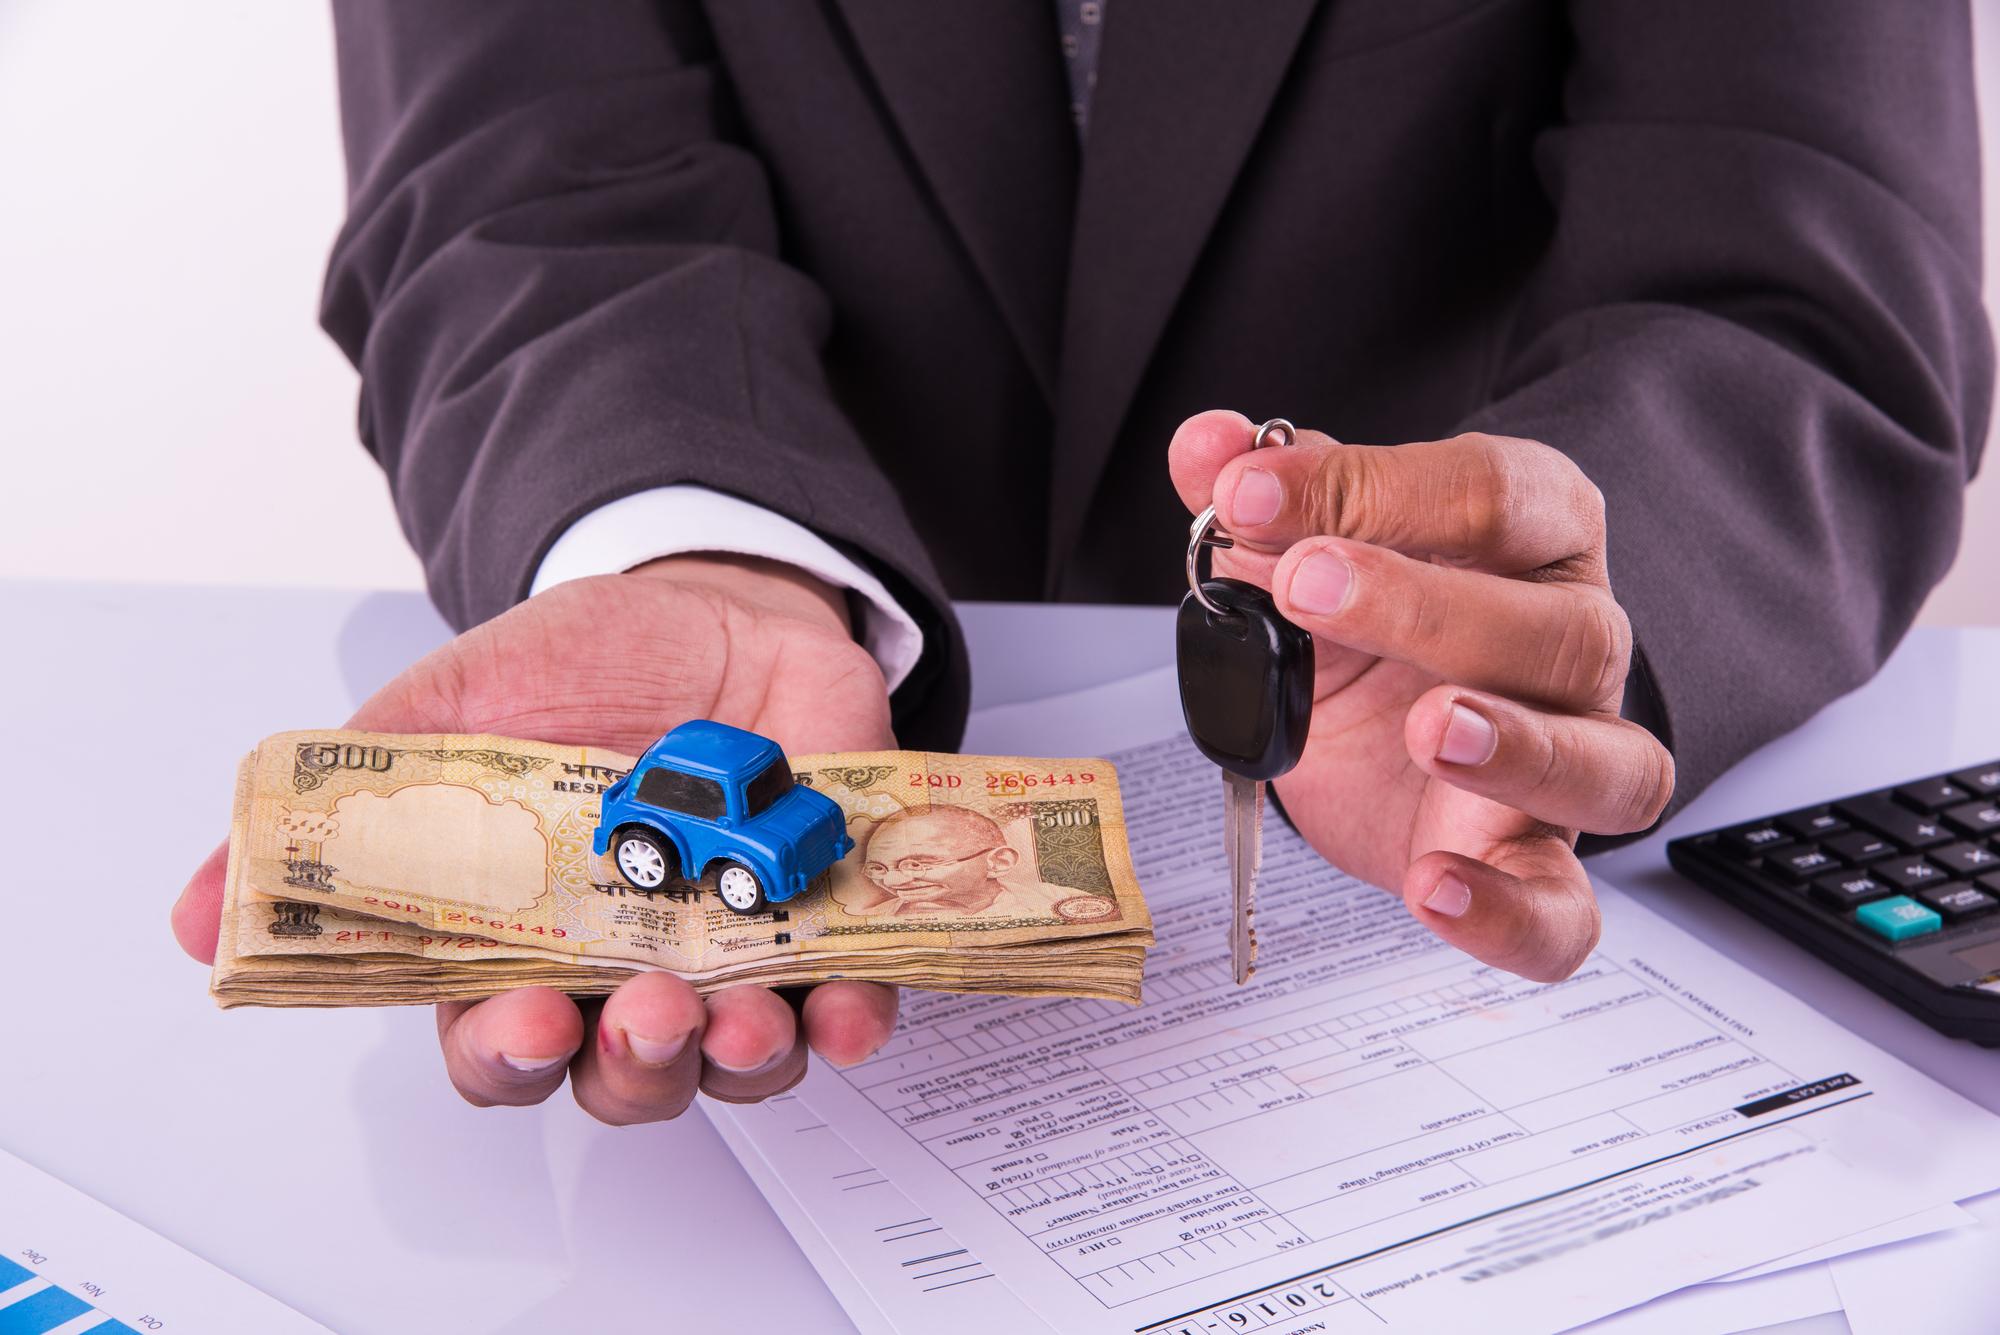 Vendeu seu carro está recebendo multas por não transferir? O que fazer?